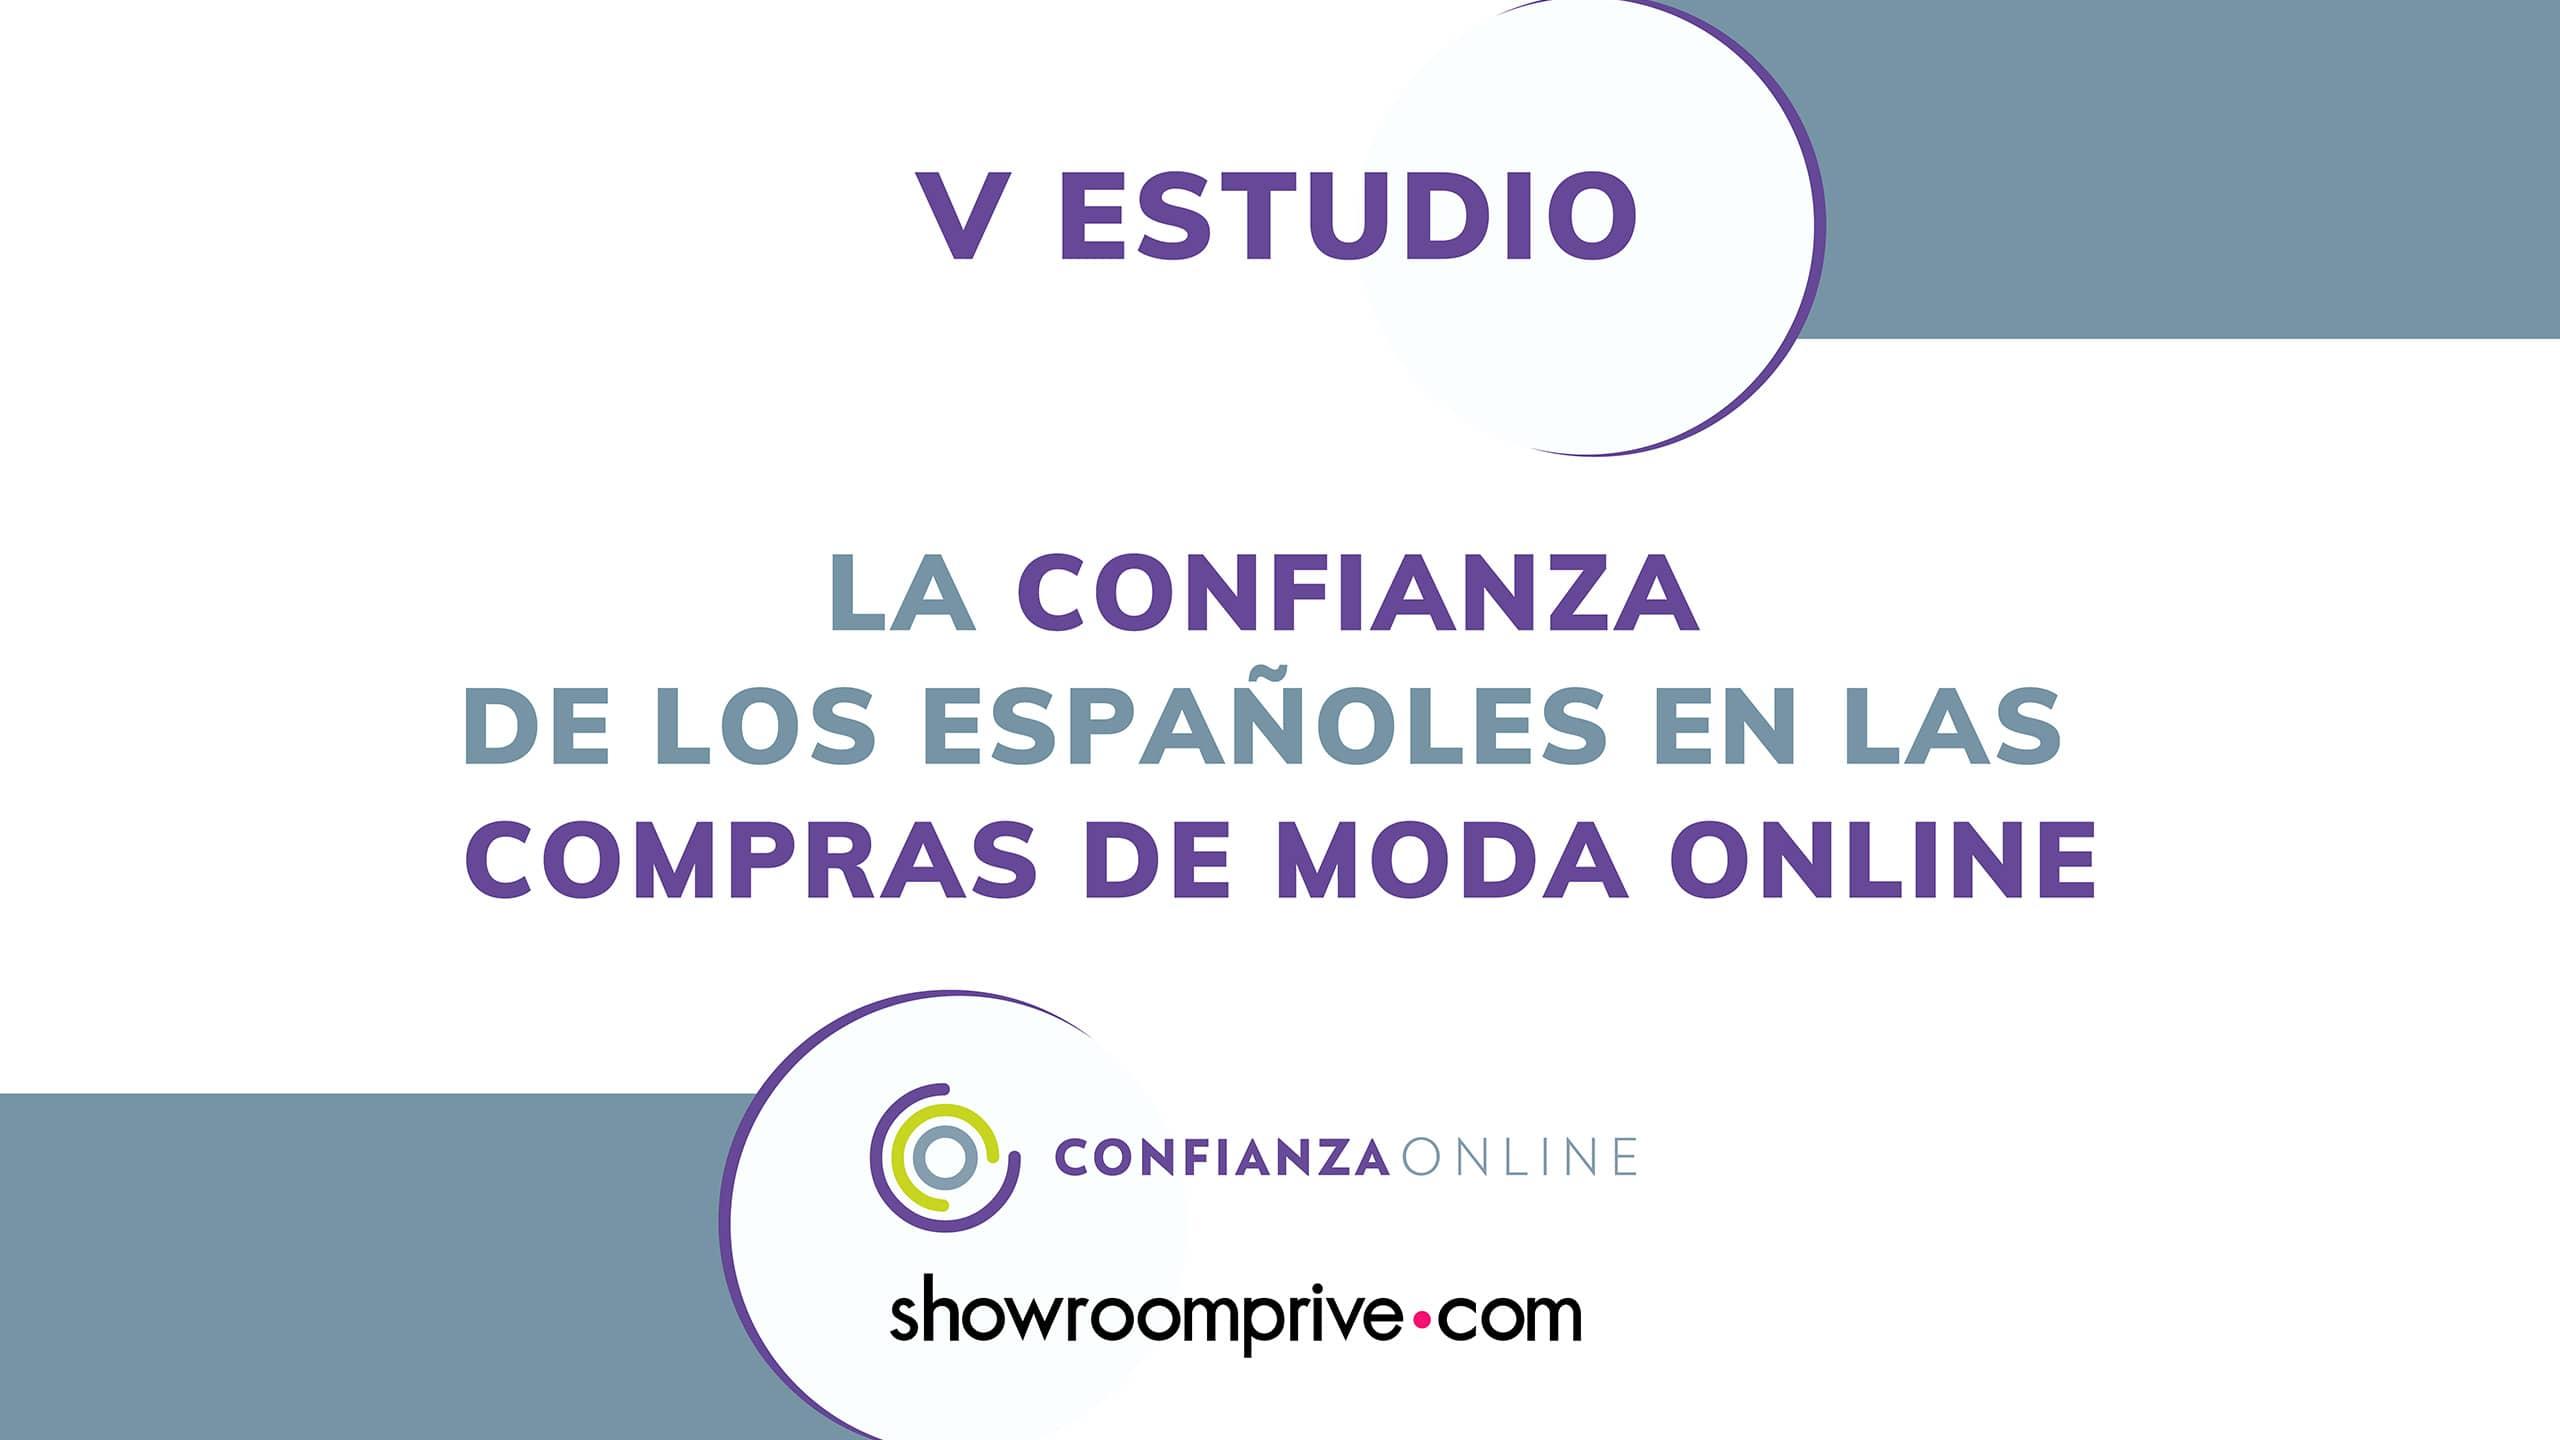 V Estudio Confianza Online Showroomprive